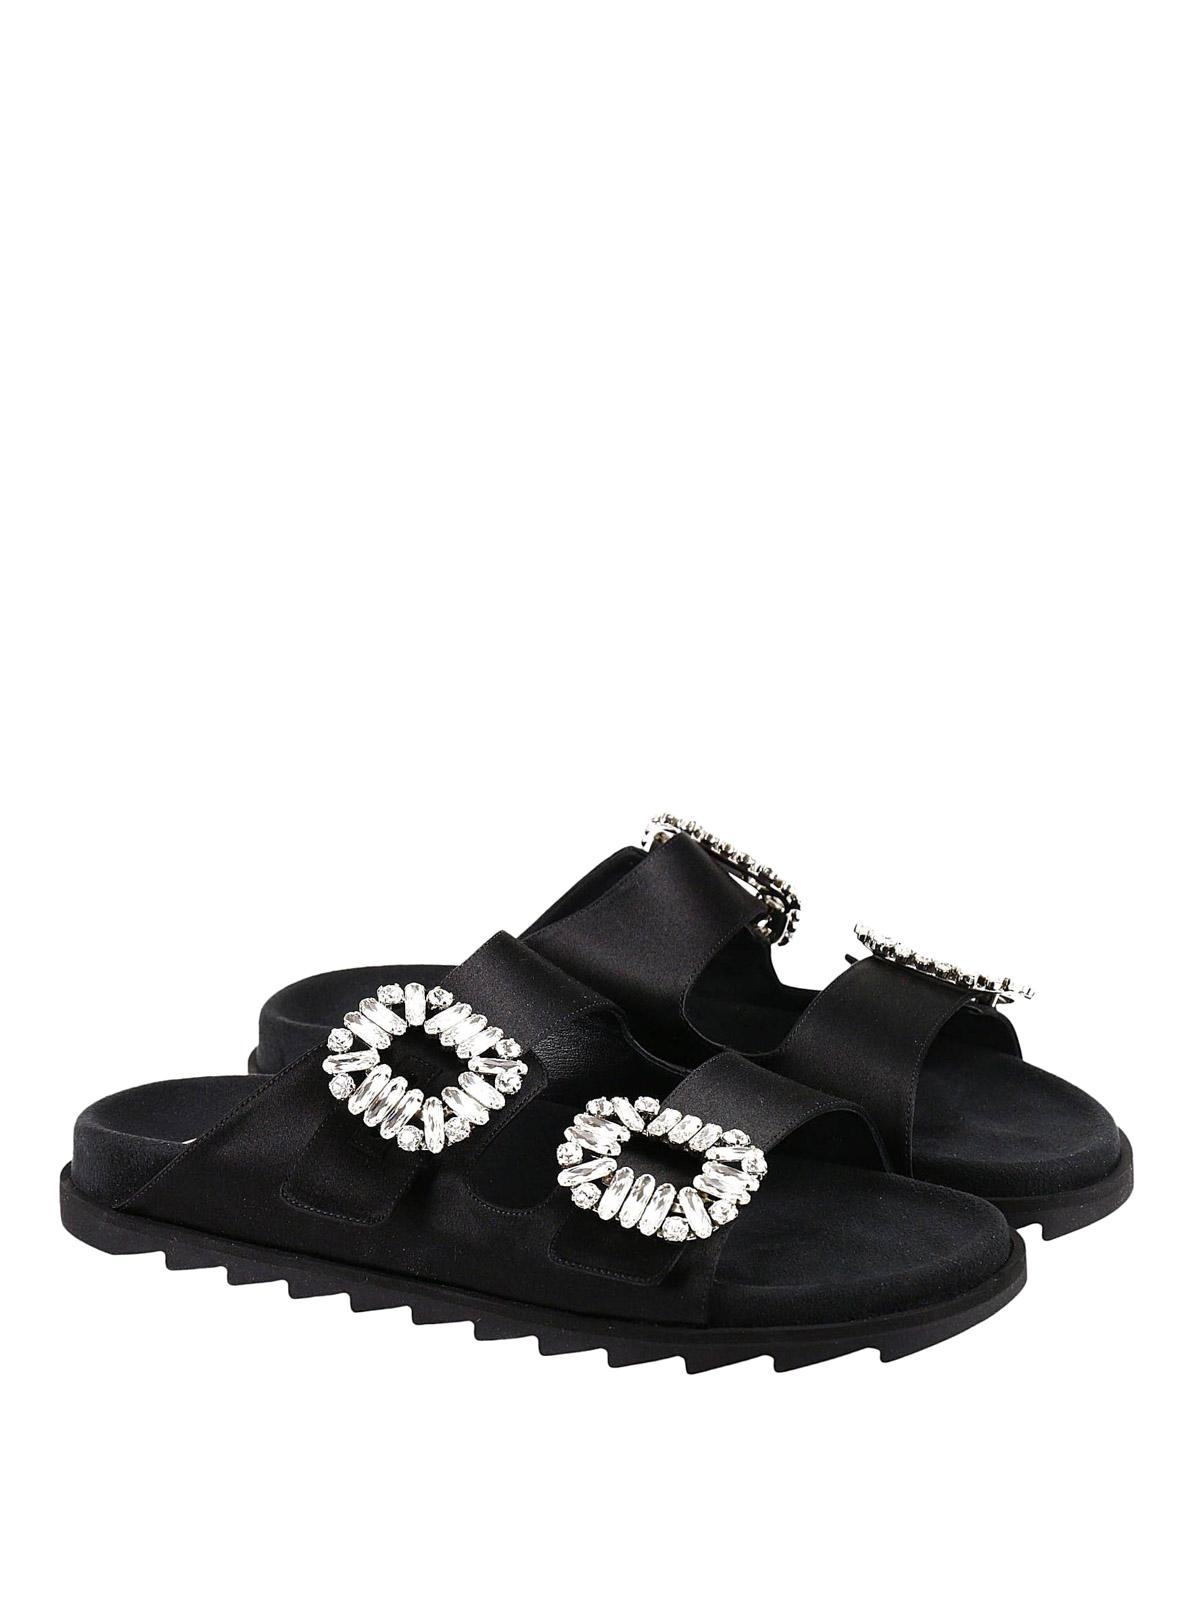 6f55c2c1793b Roger Vivier - Viv  satin double buckle slides - sandals ...